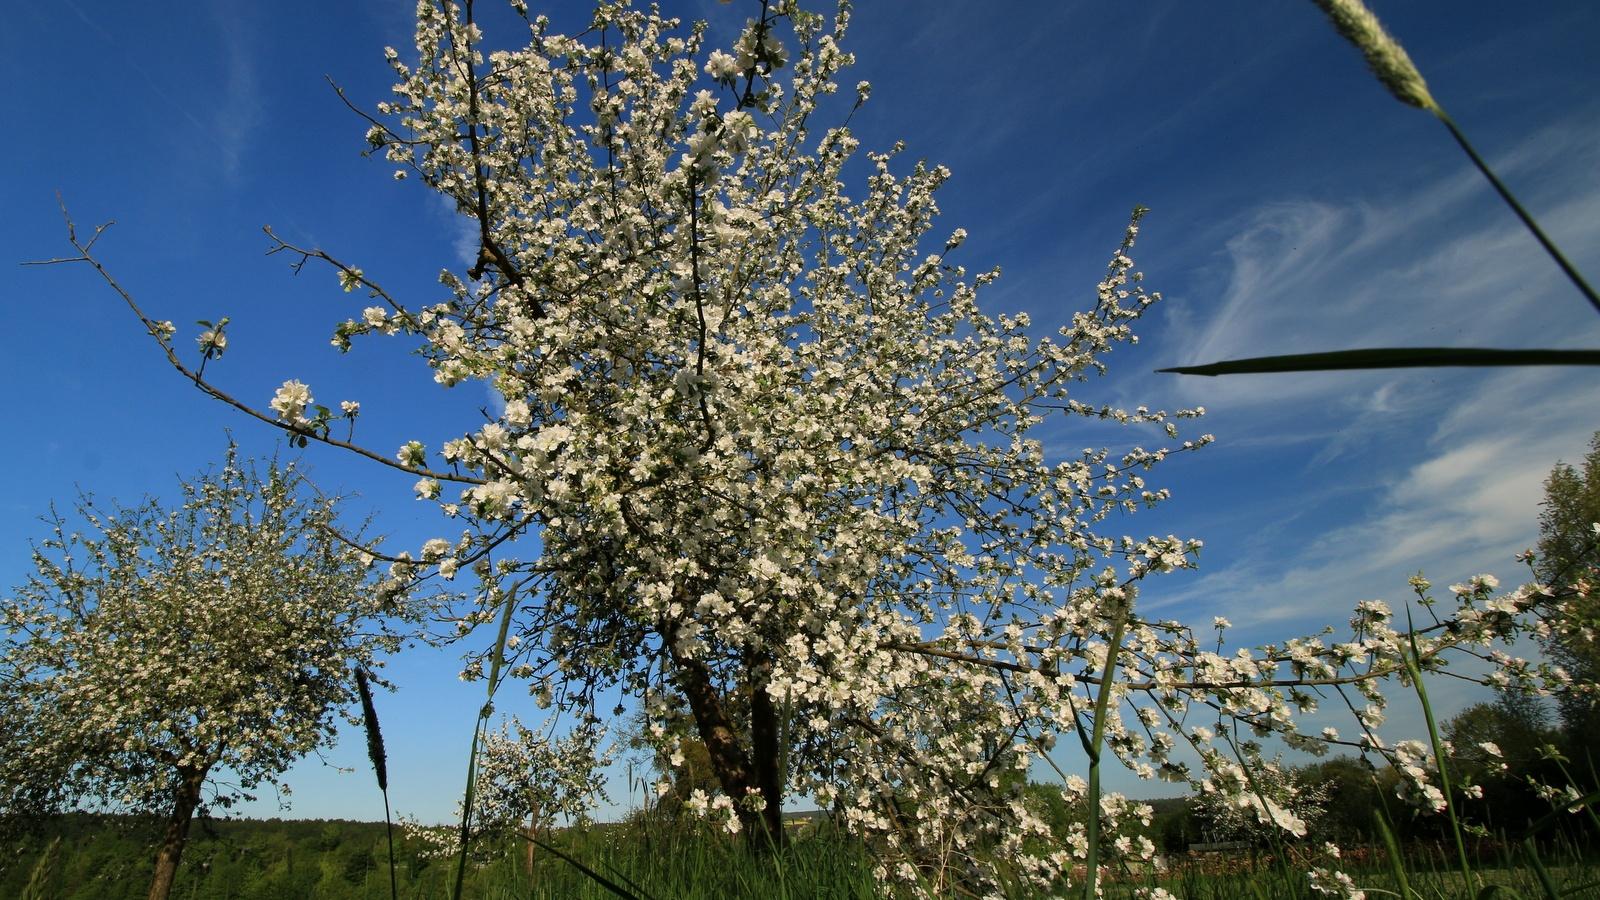 alter Obstbaum in voller Blüte